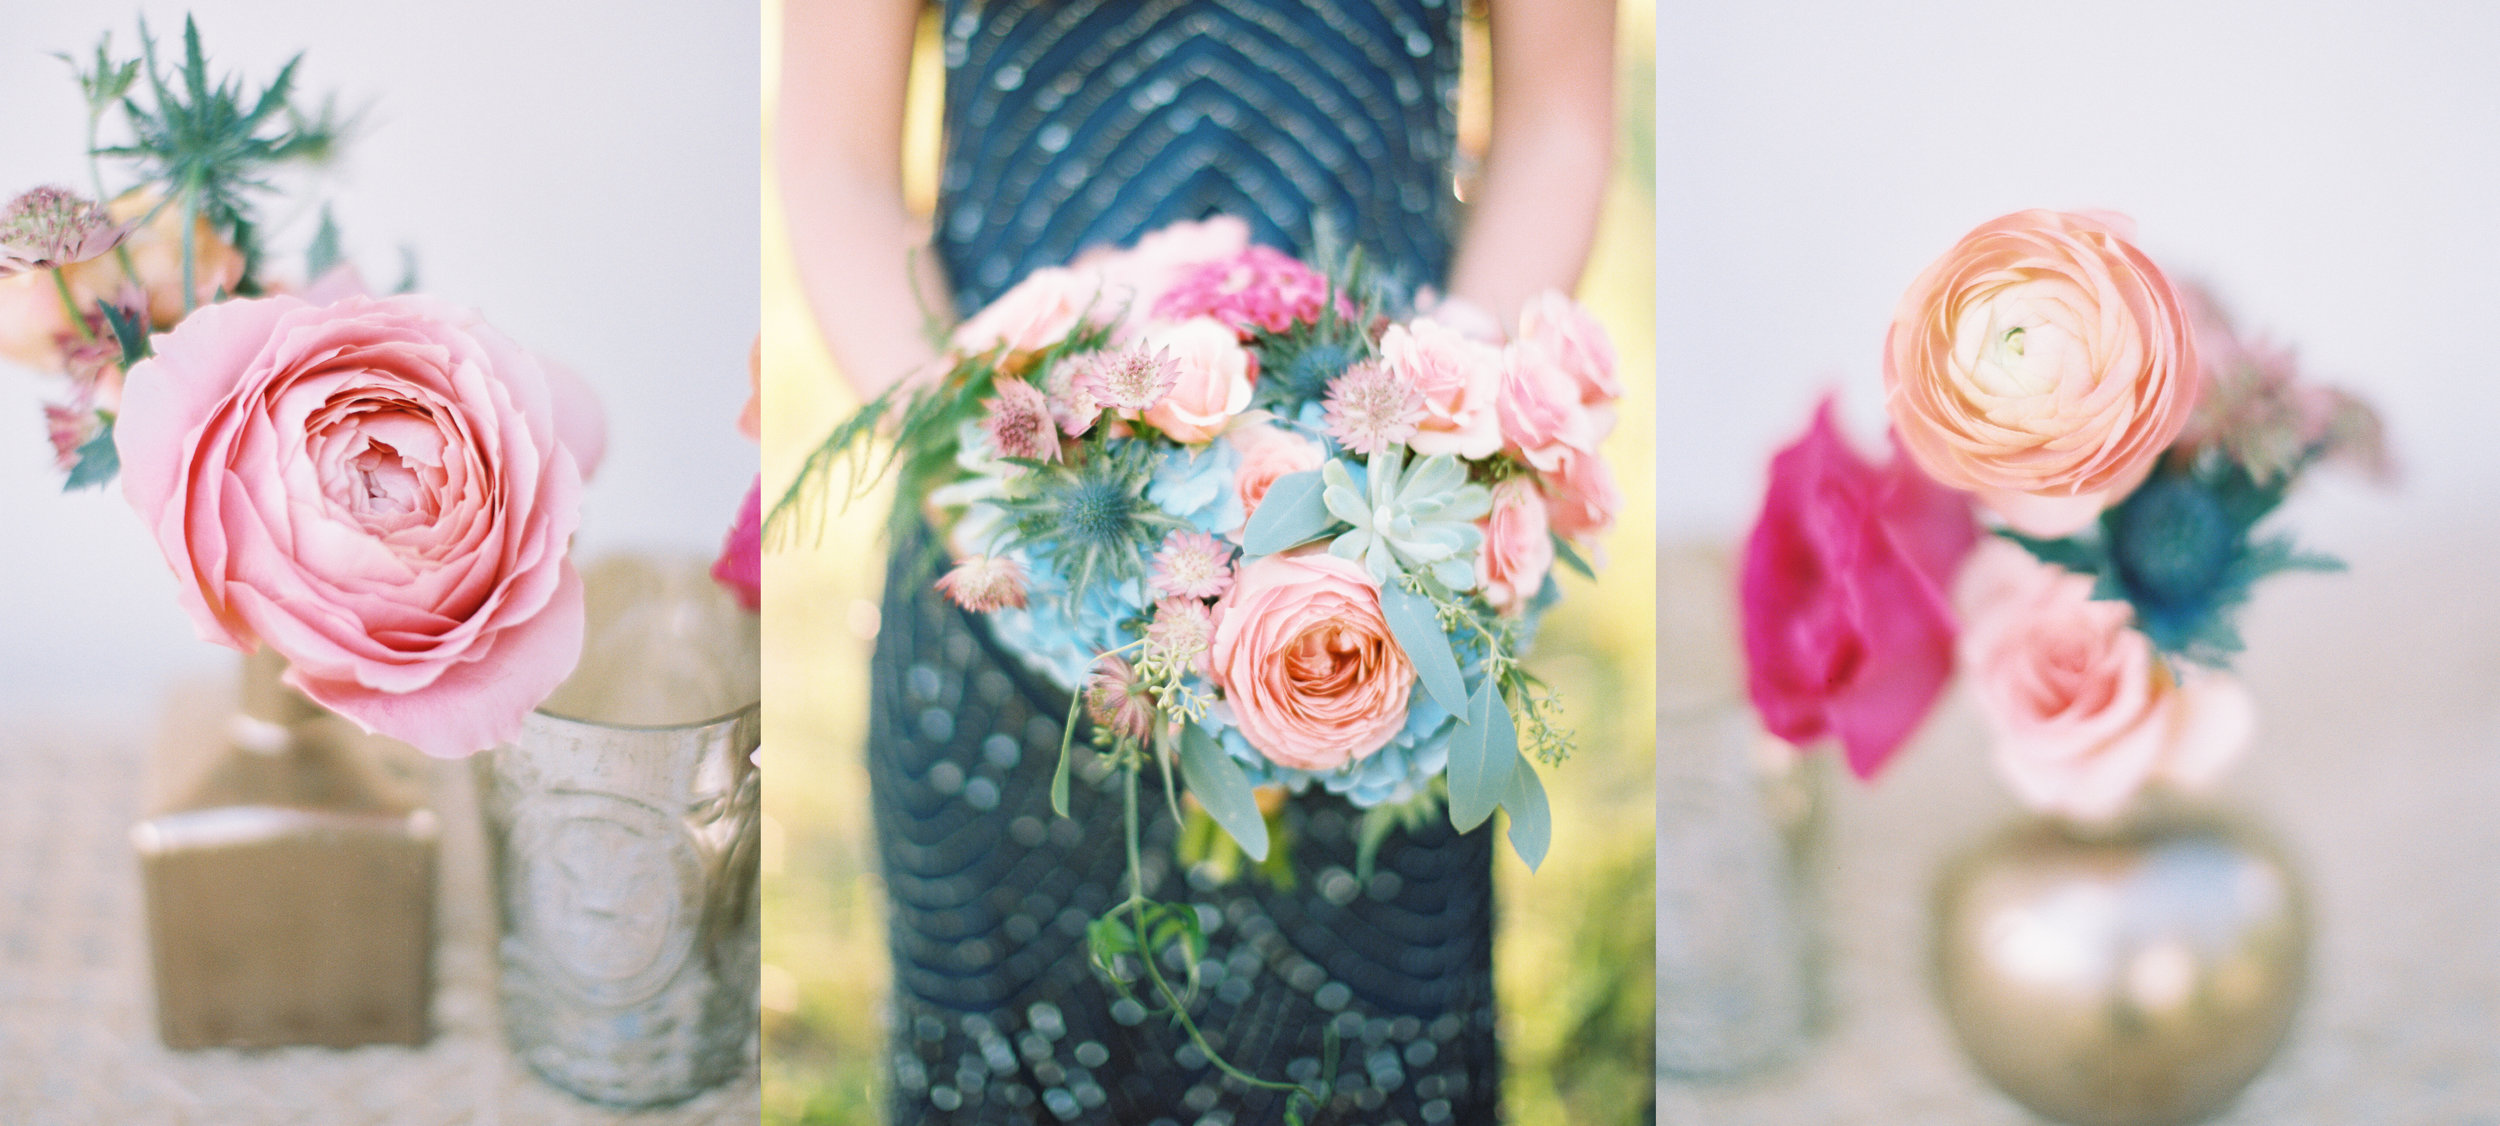 brokke-josh-wedding-72-2 copy 2.jpg